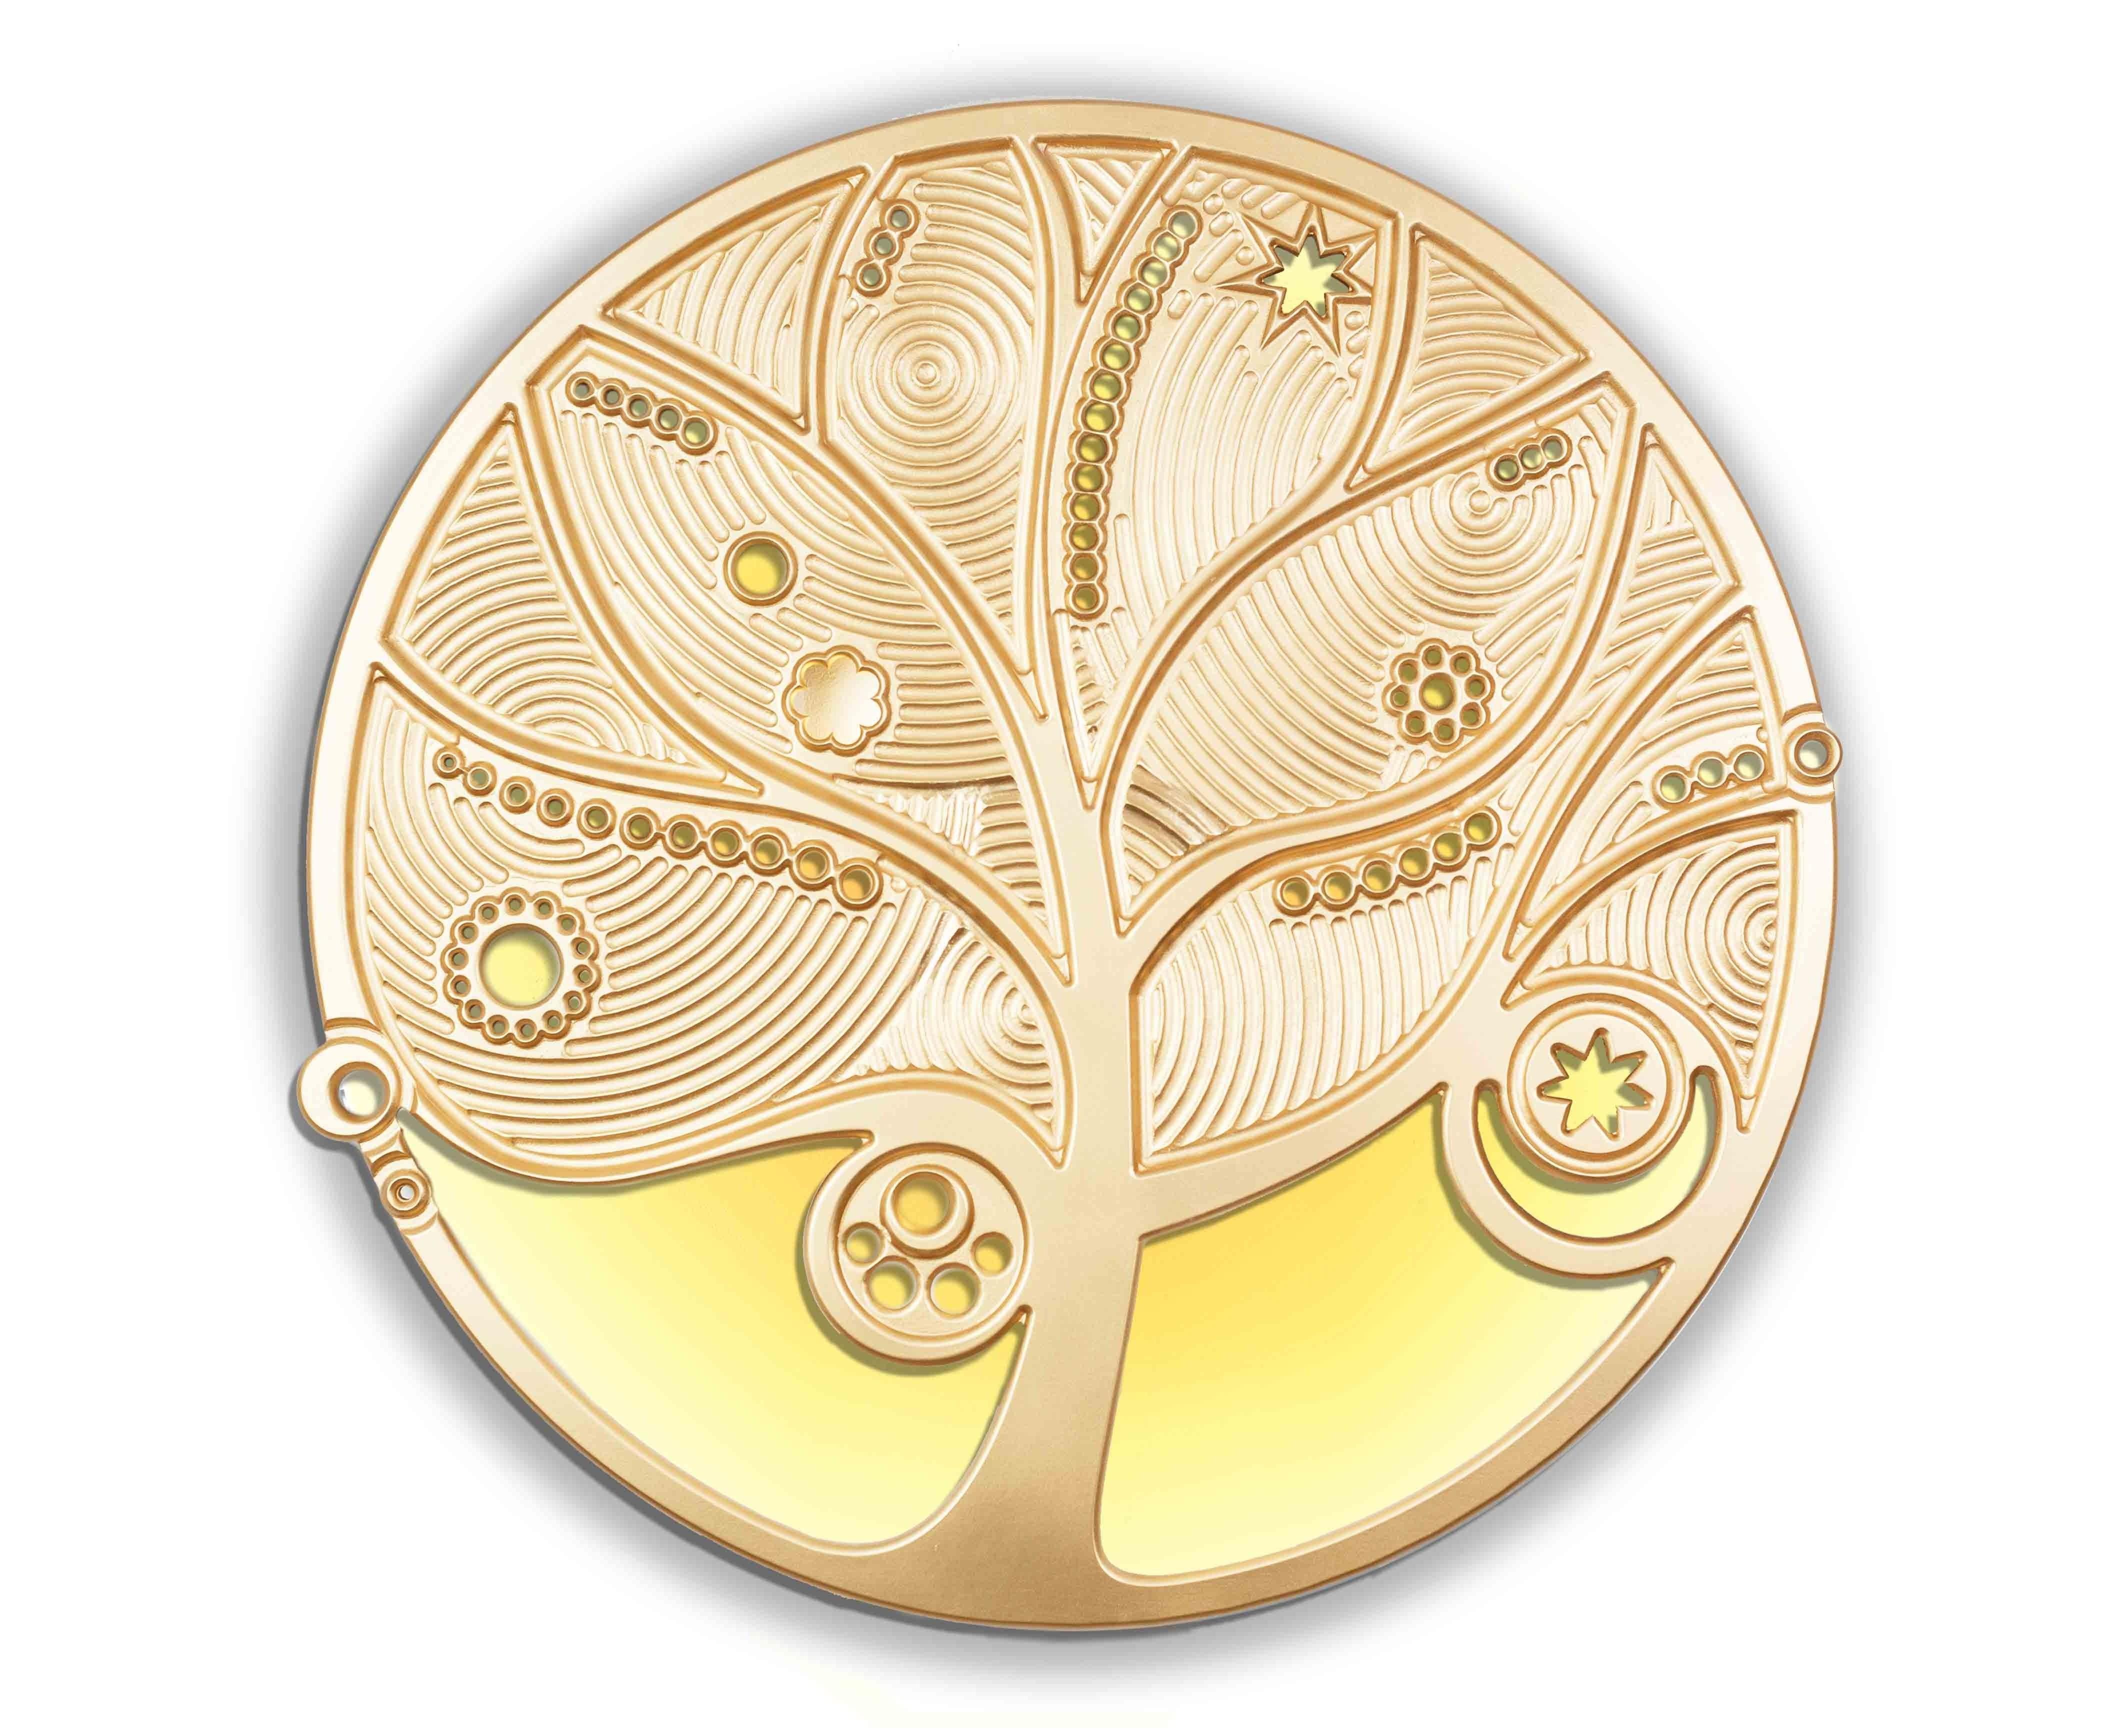 Панно EternityПанно<br>Проживать каждый миг,словно вечность-это секрет мудрости и жизнелюбия. Прекрасное рядом с нами всегда.<br>                Описание: Форма круглая, вес 7 кг, 4 светодиодные лампочки, Натуральный древестный материал высокого качества, Ручная резка, Размер 99*99см, Толщина изделия 7см<br><br>Material: Дерево<br>Depth см: 0,8<br>Height см: None<br>Diameter см: 90